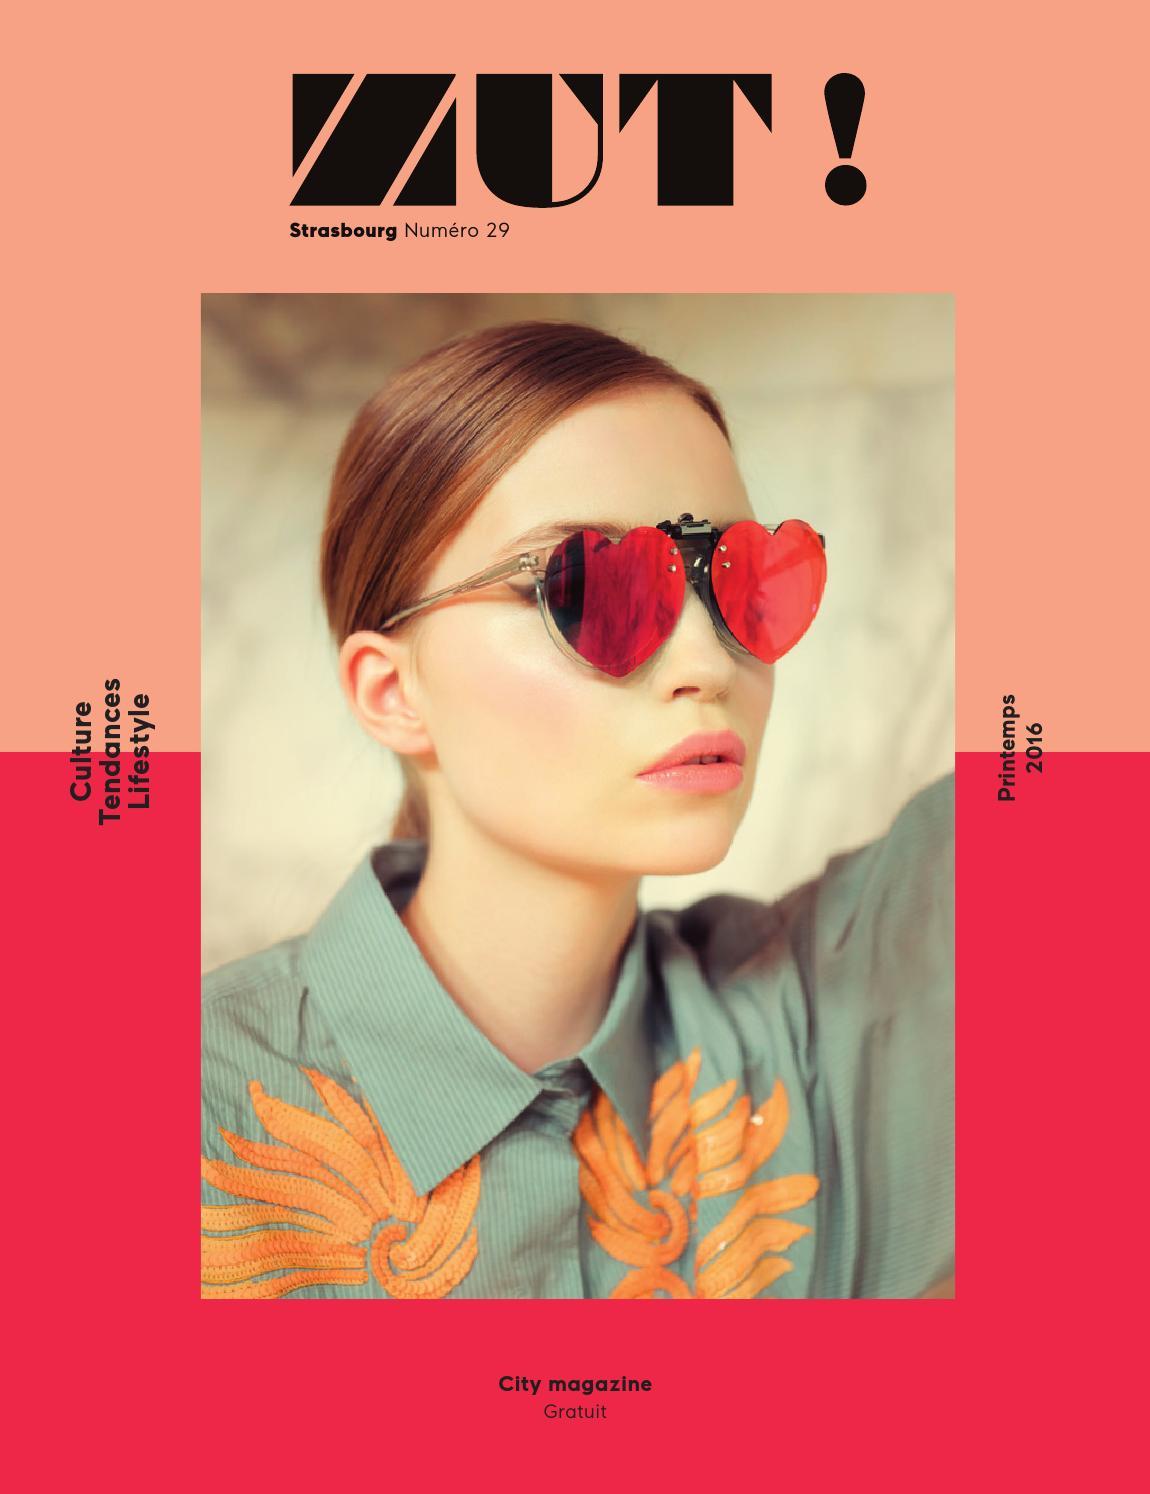 Zut29 issuu by Zut Magazine - issuu e532e241e69a